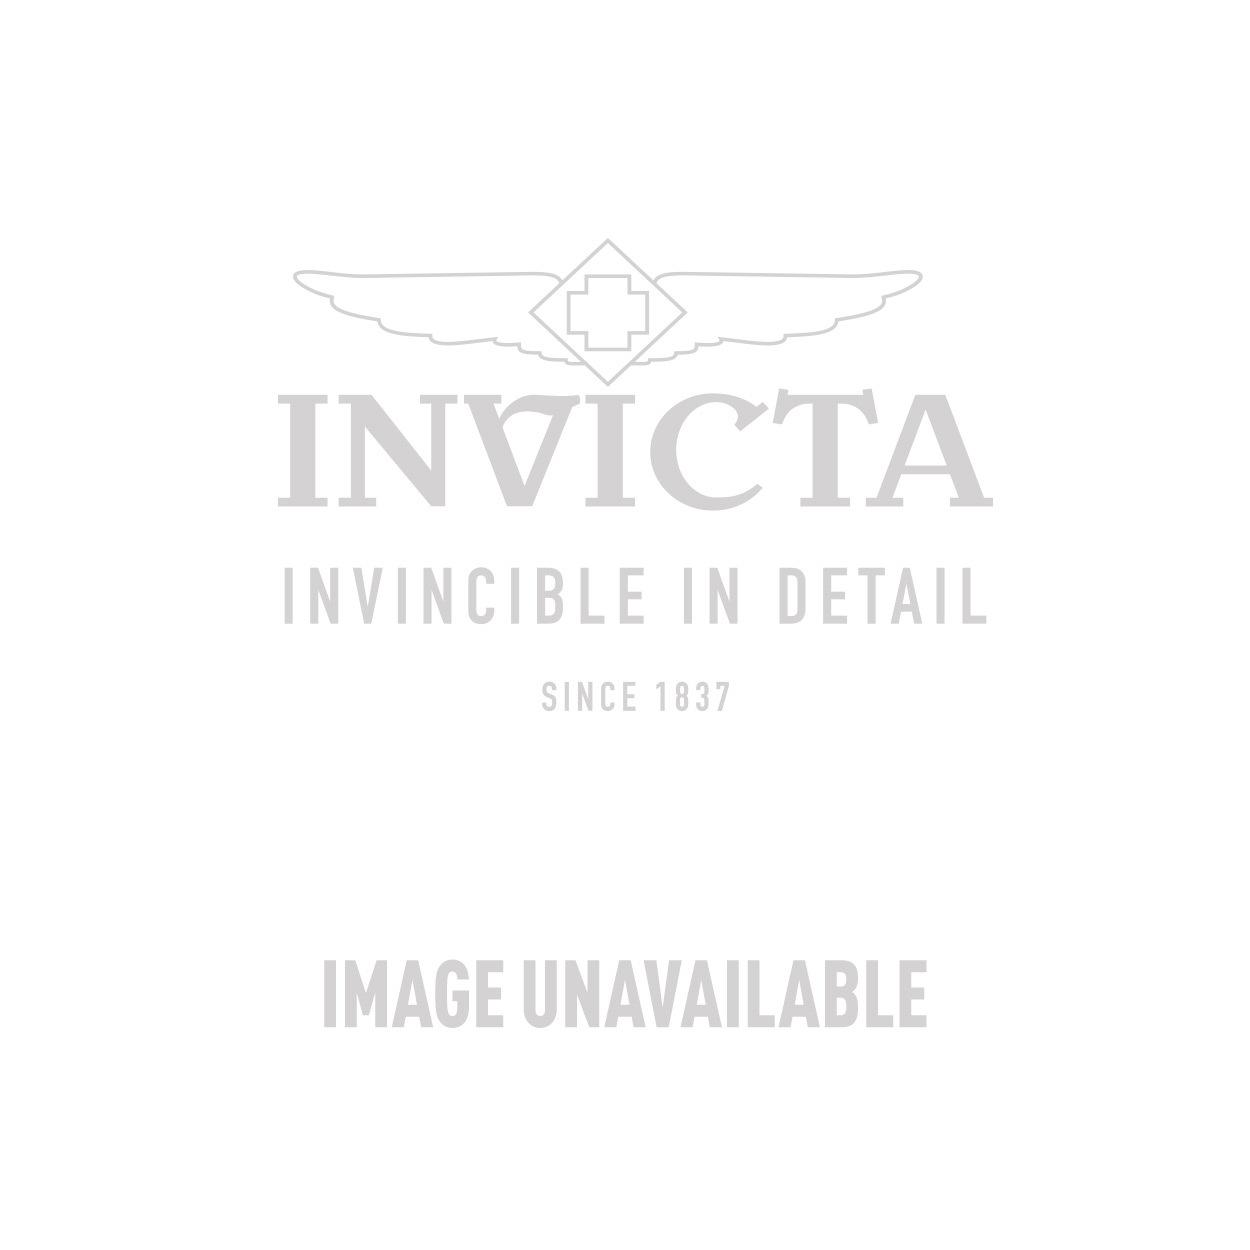 Invicta Model 25600